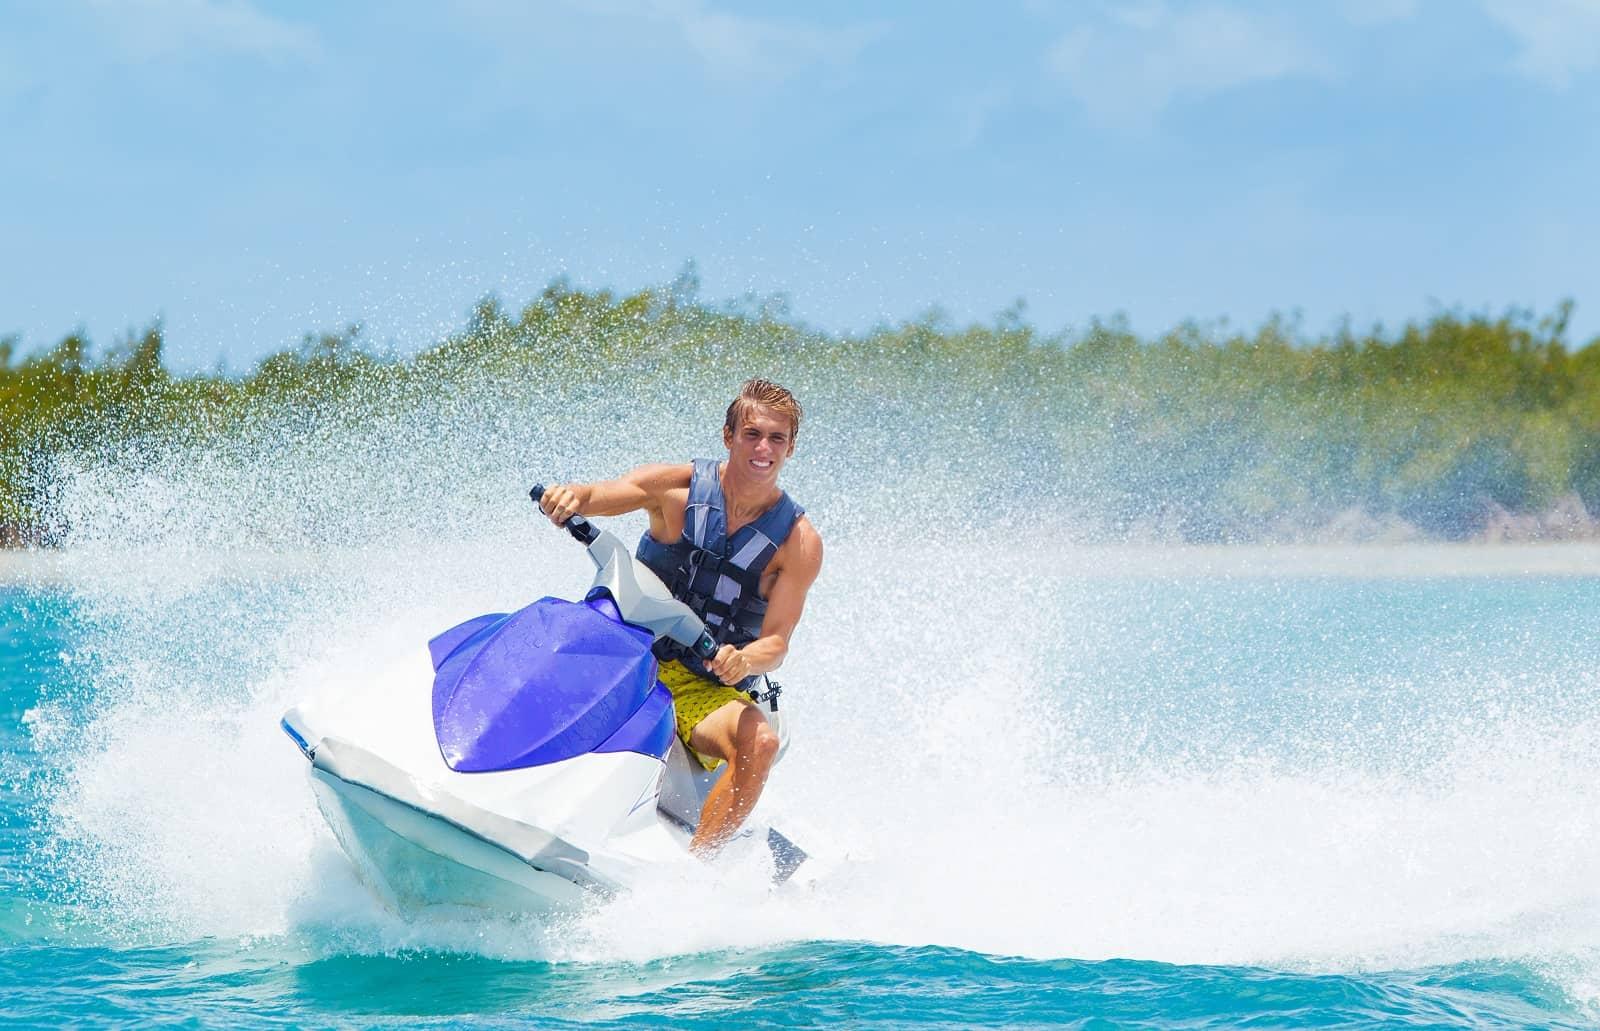 Man turning jet ski on bright blue water